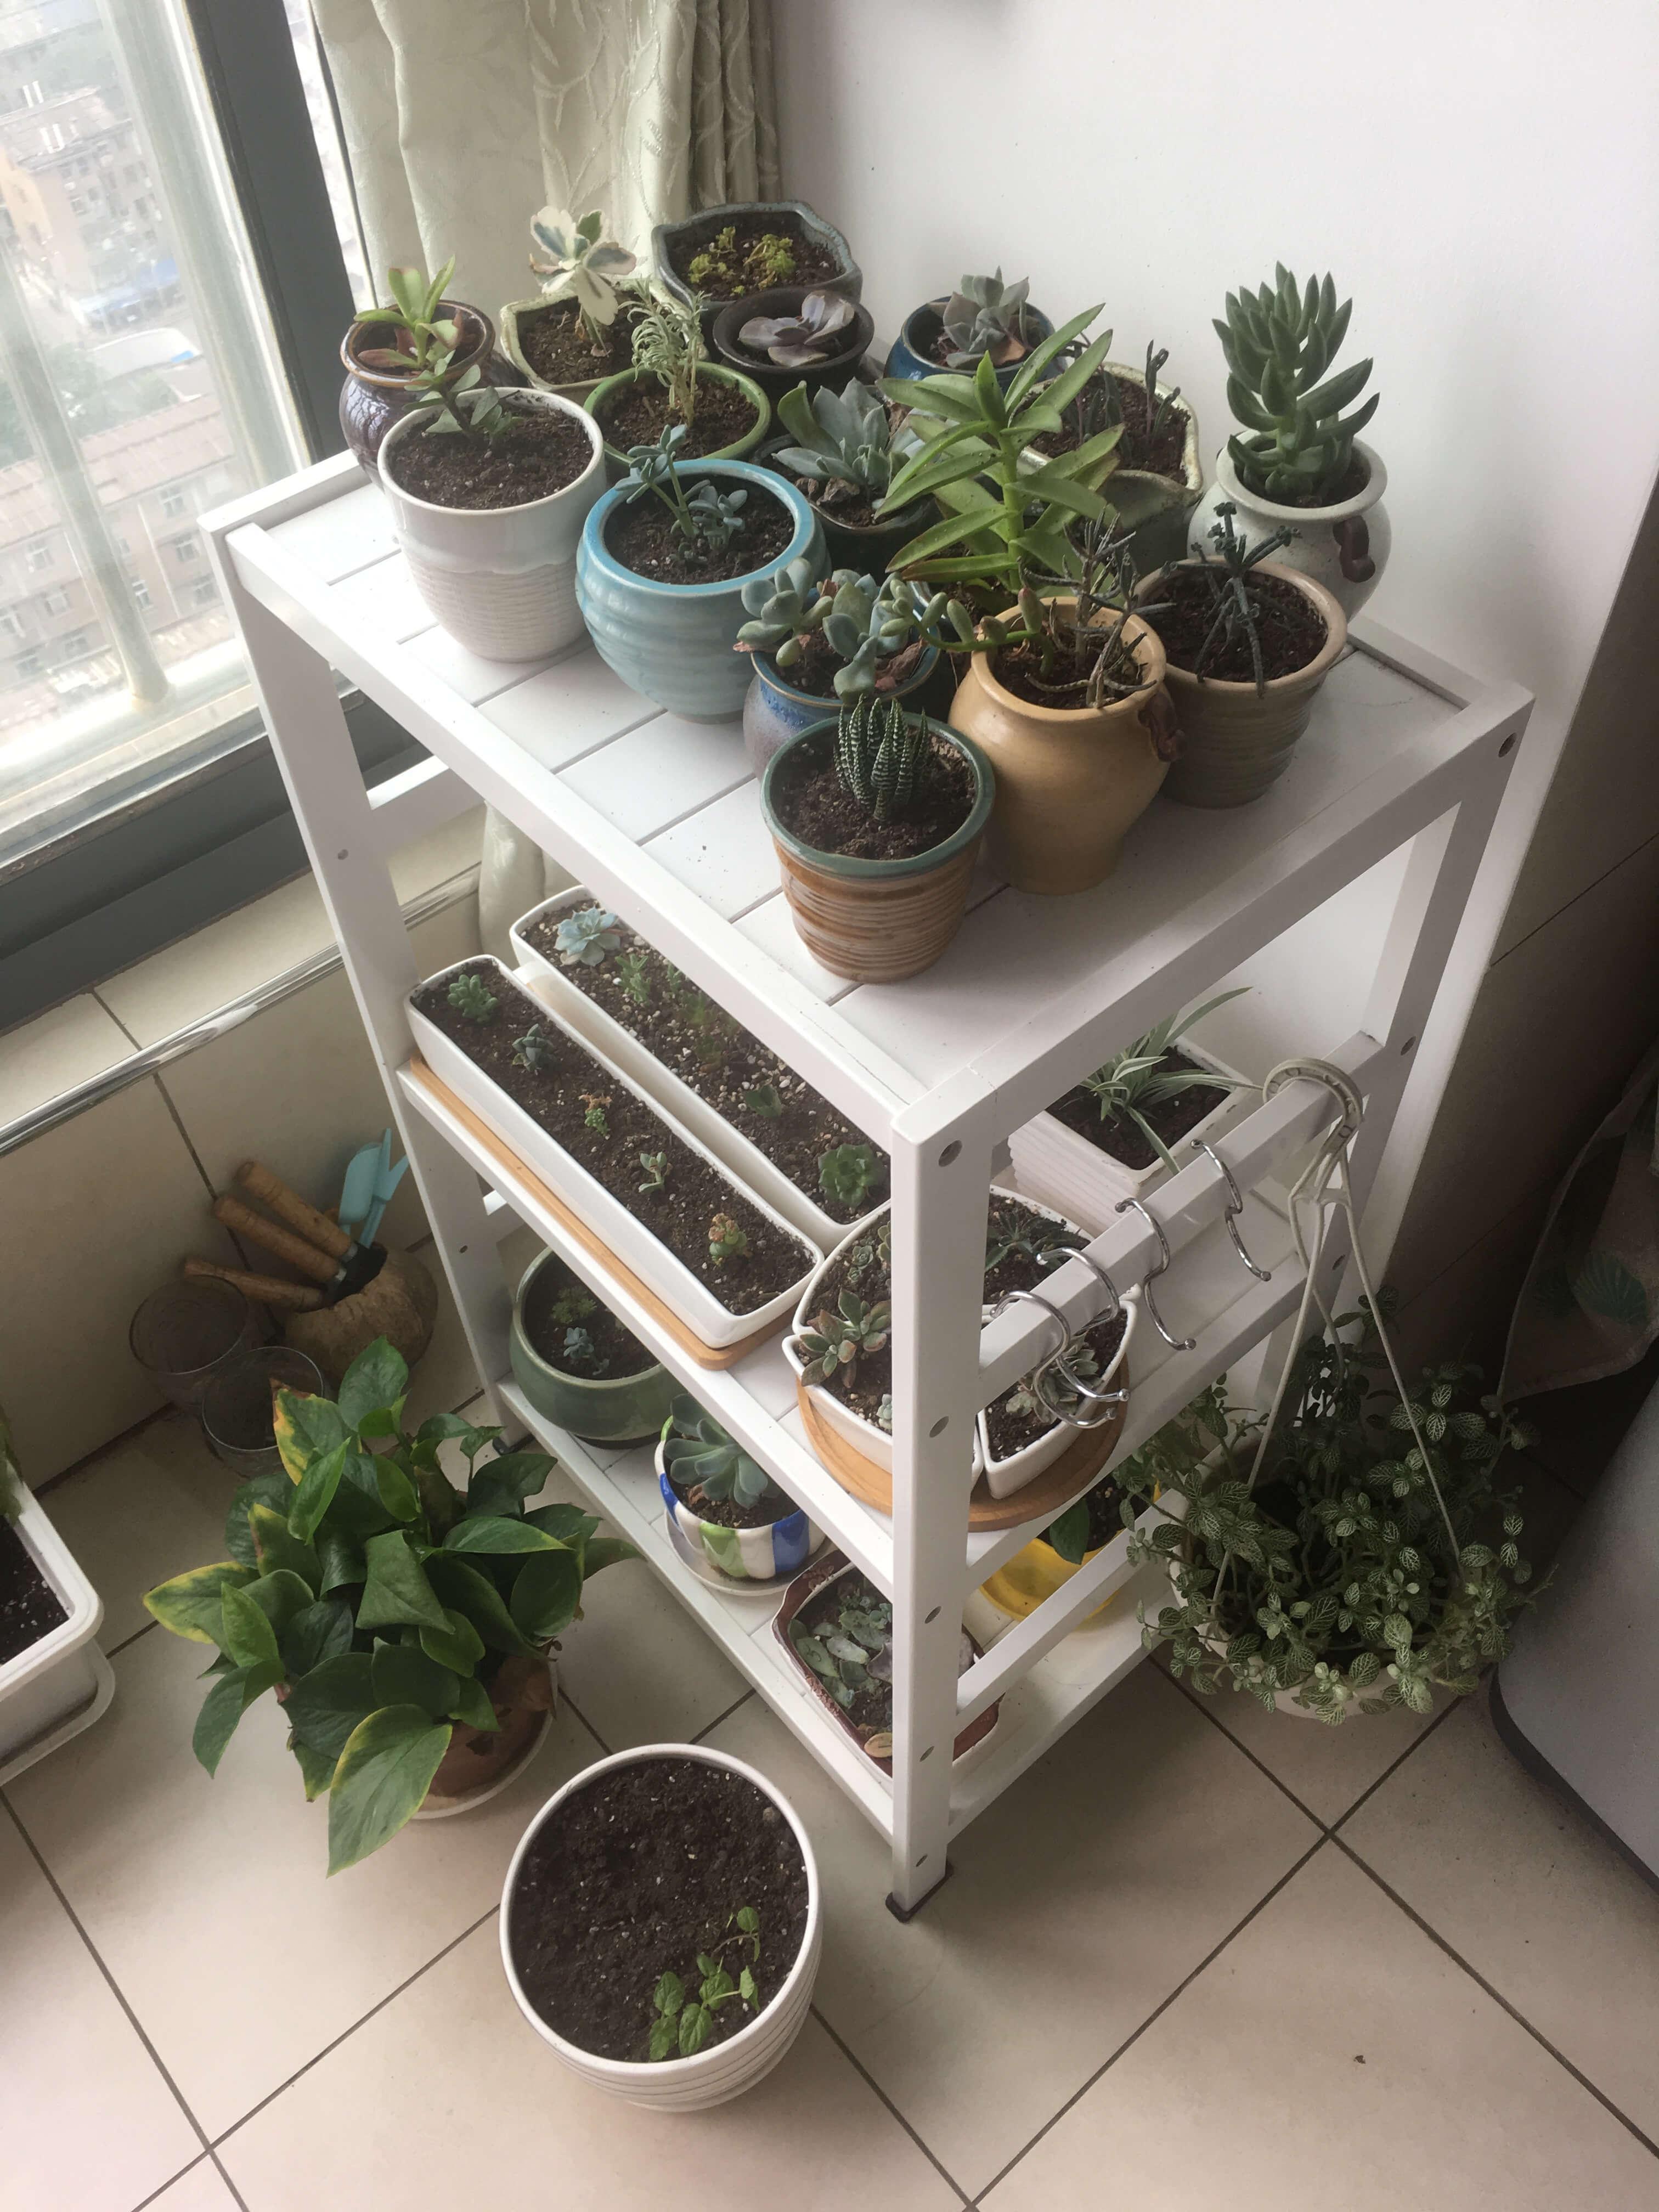 植物真的很神奇,看着顽强生命的历程,也是一种享受。发芽、发根、向阳、增生……